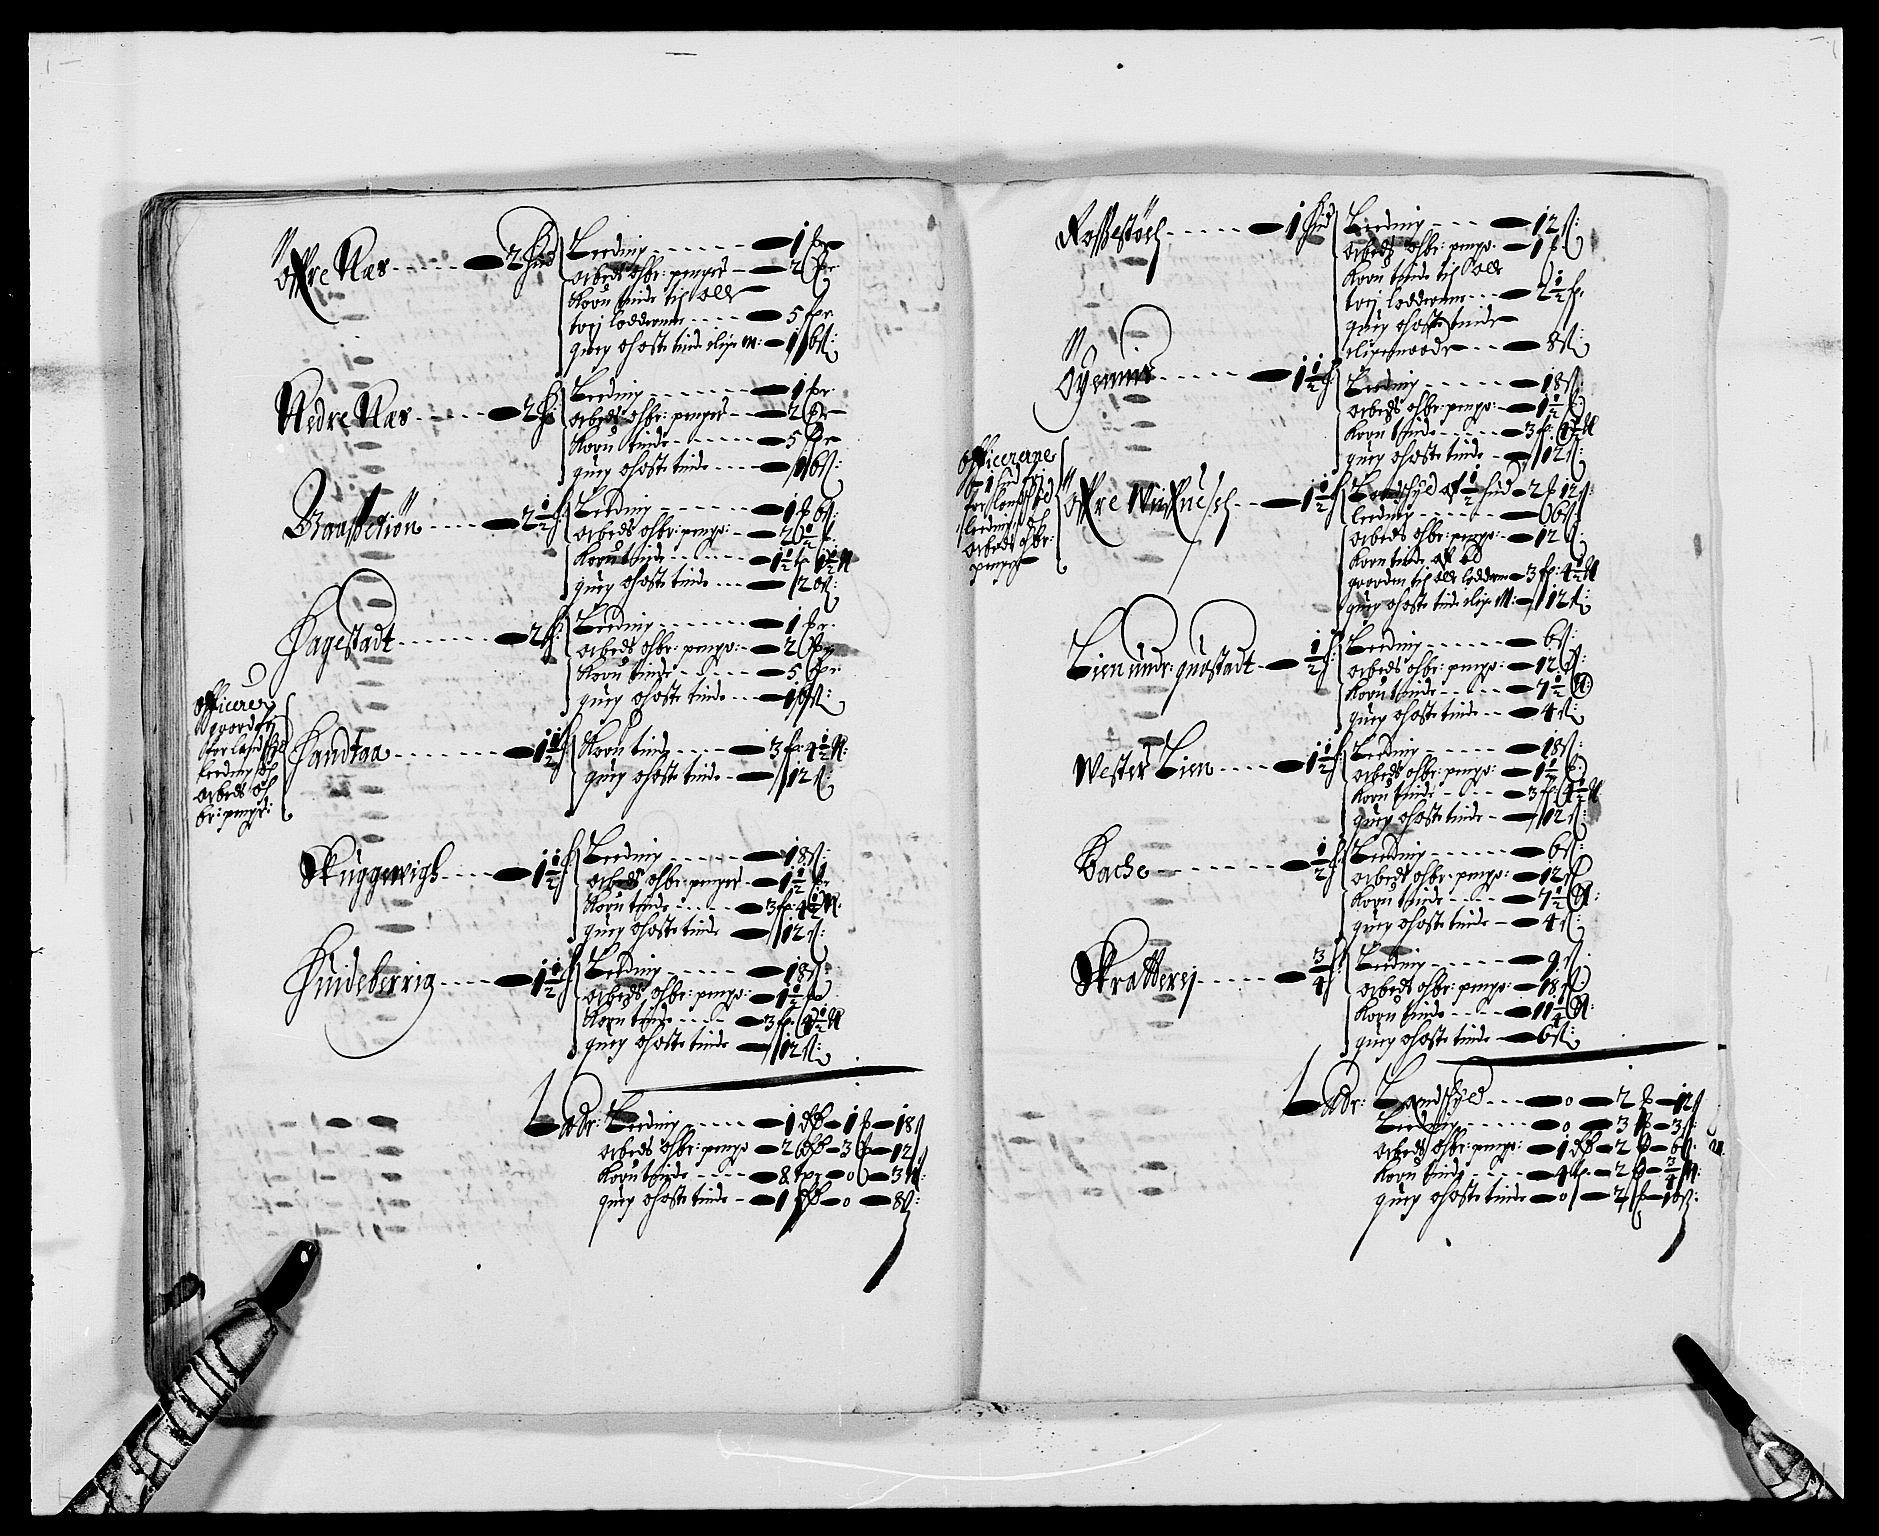 RA, Rentekammeret inntil 1814, Reviderte regnskaper, Fogderegnskap, R39/L2297: Fogderegnskap Nedenes, 1667-1669, s. 178